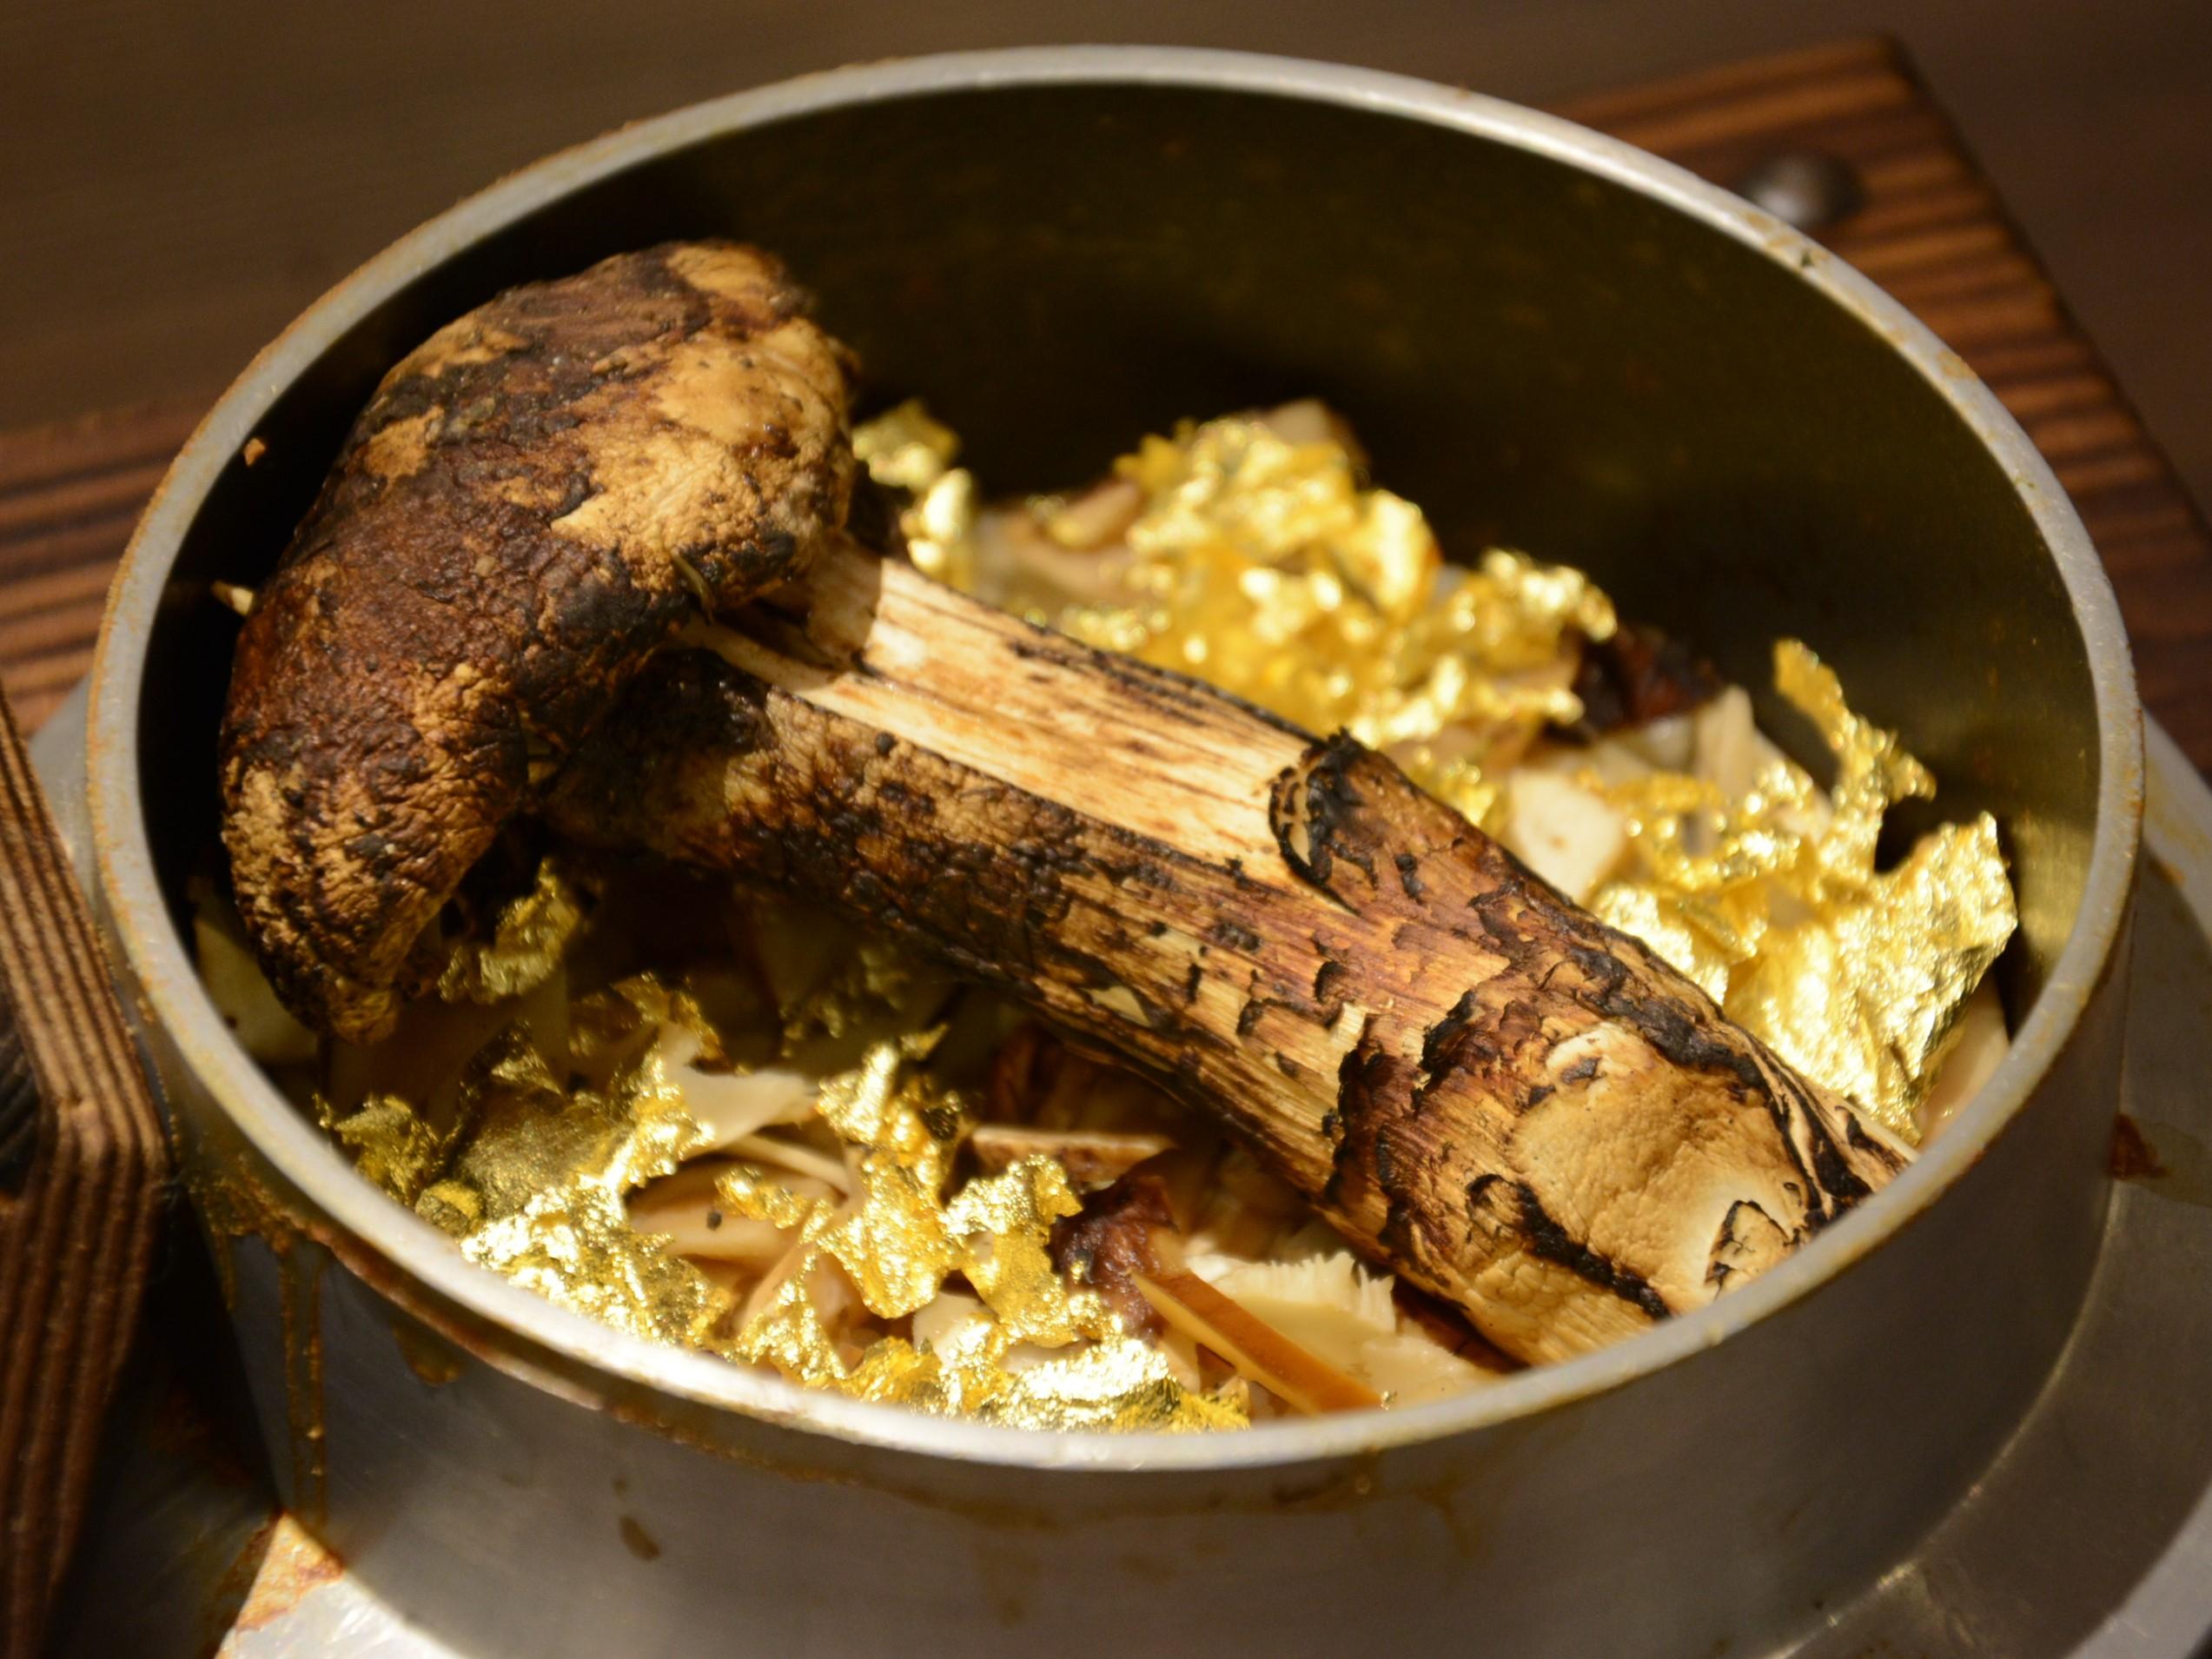 贅沢すぎる!金箔の上に松茸をまるごと1本のせた『黄金釜飯』が「米福 あべのルシアス店」にて10月5日(金)提供開始